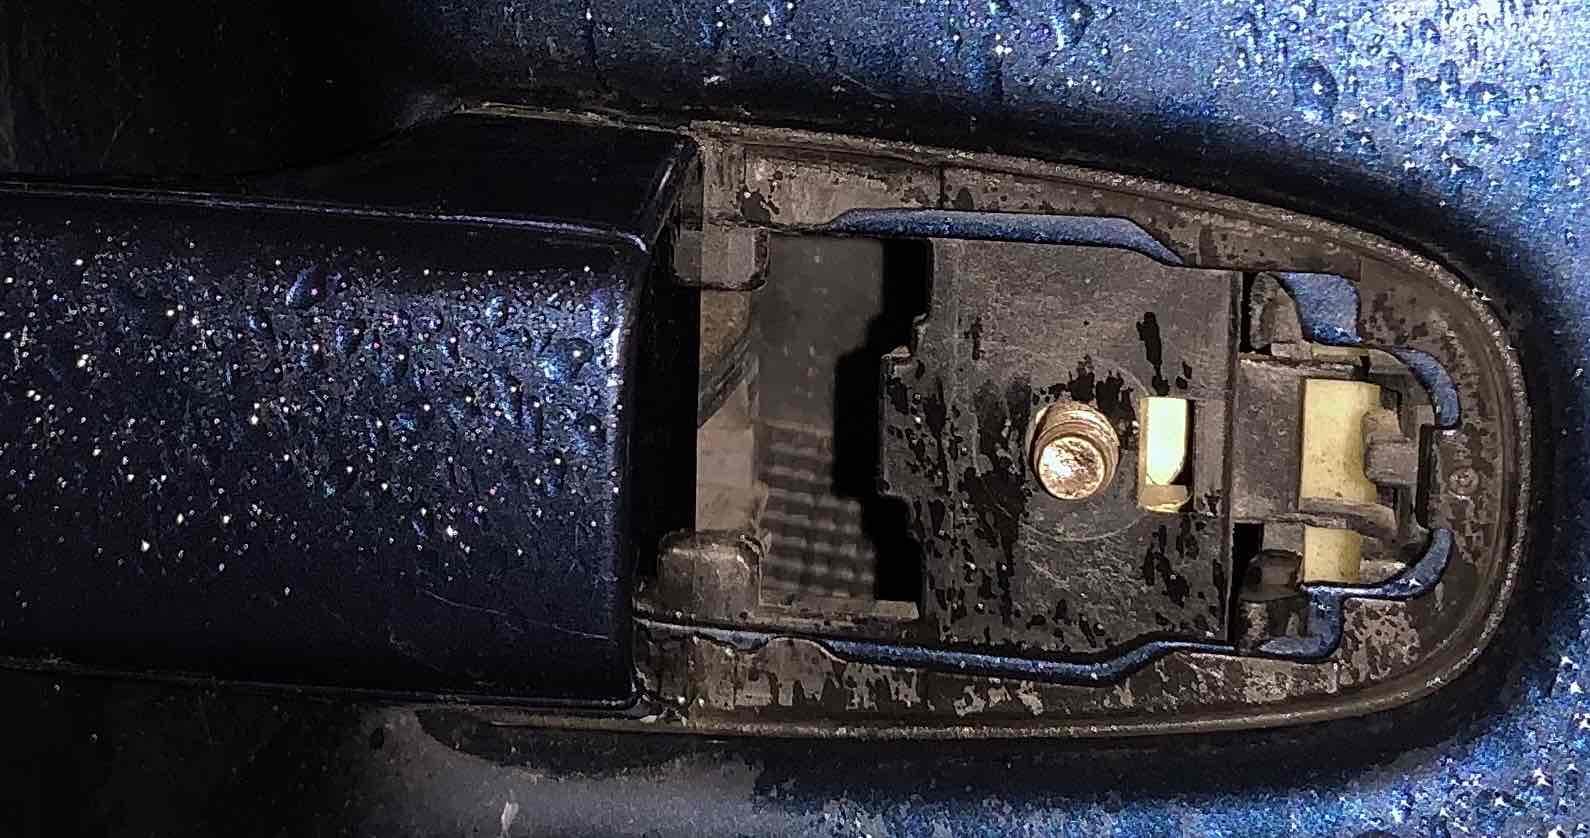 Broken door handle...-img_1522-crop-jpg